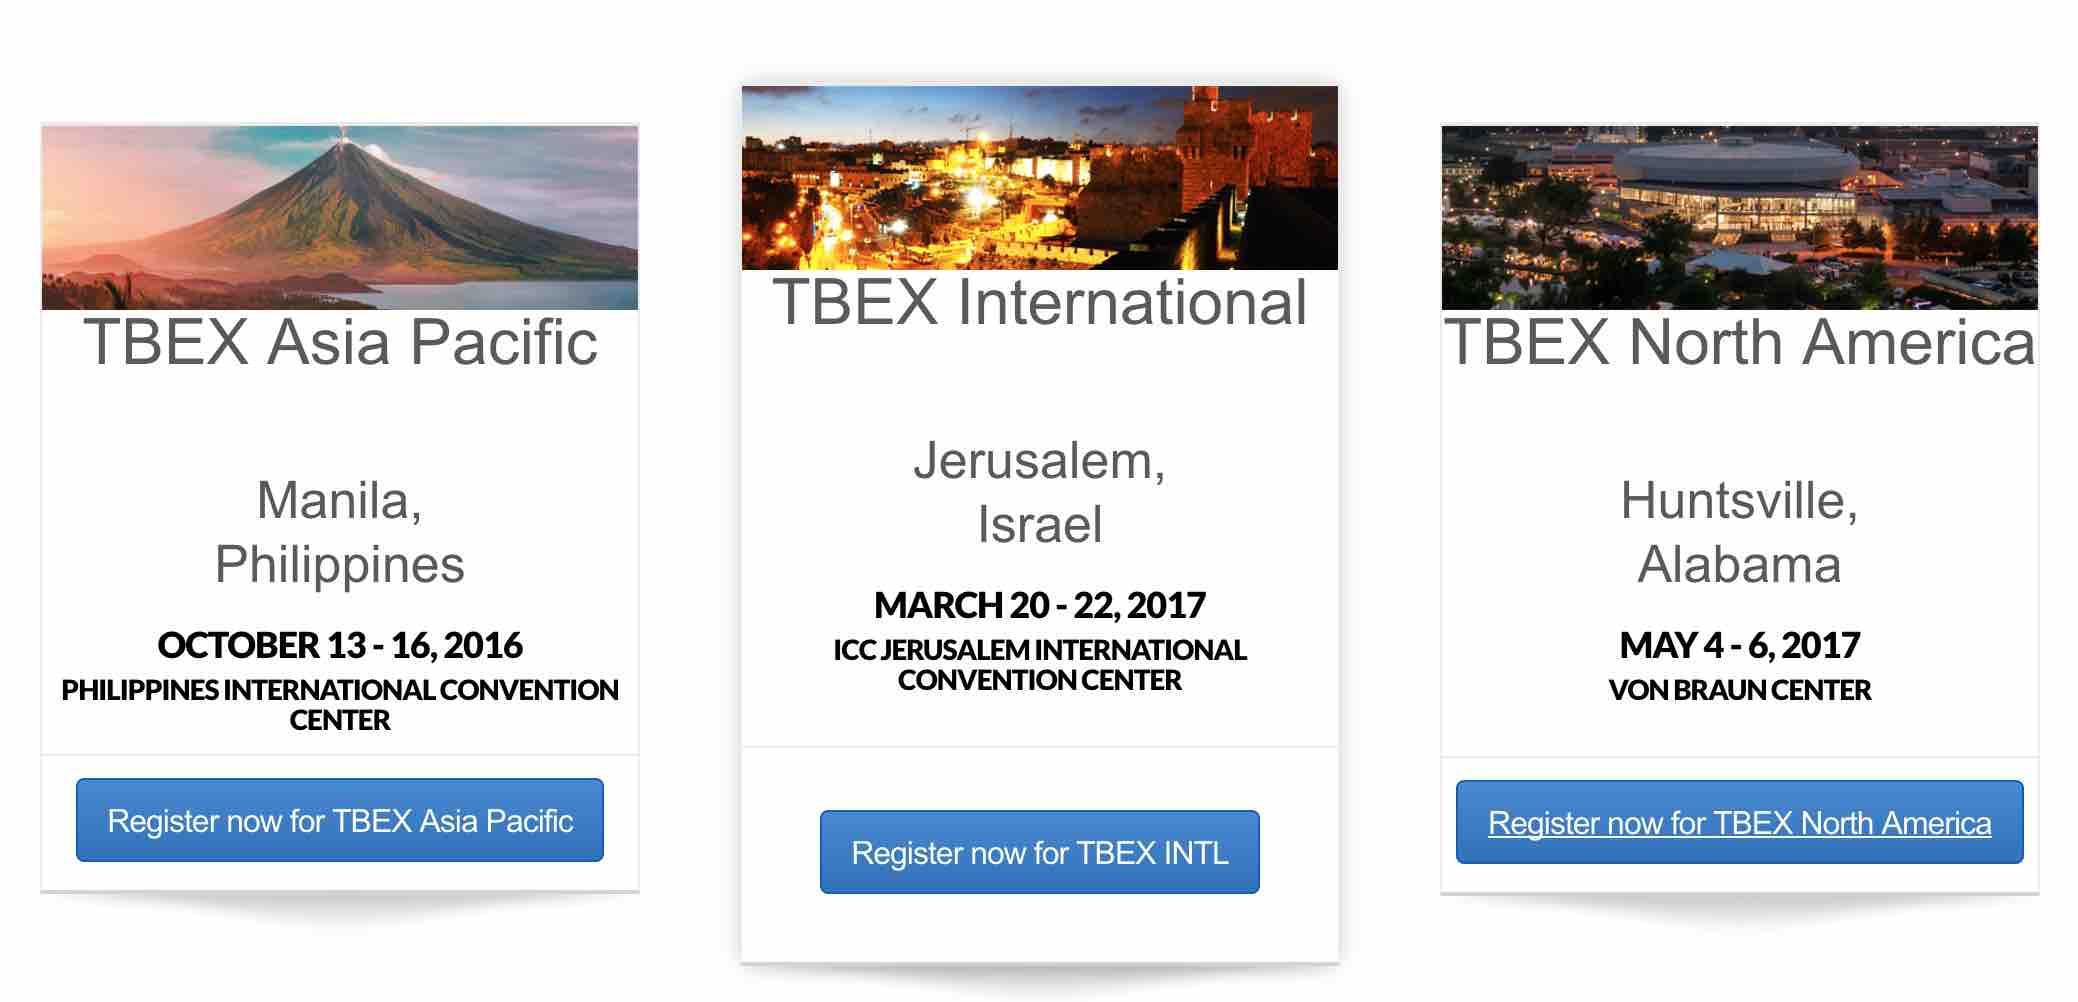 tbex_places